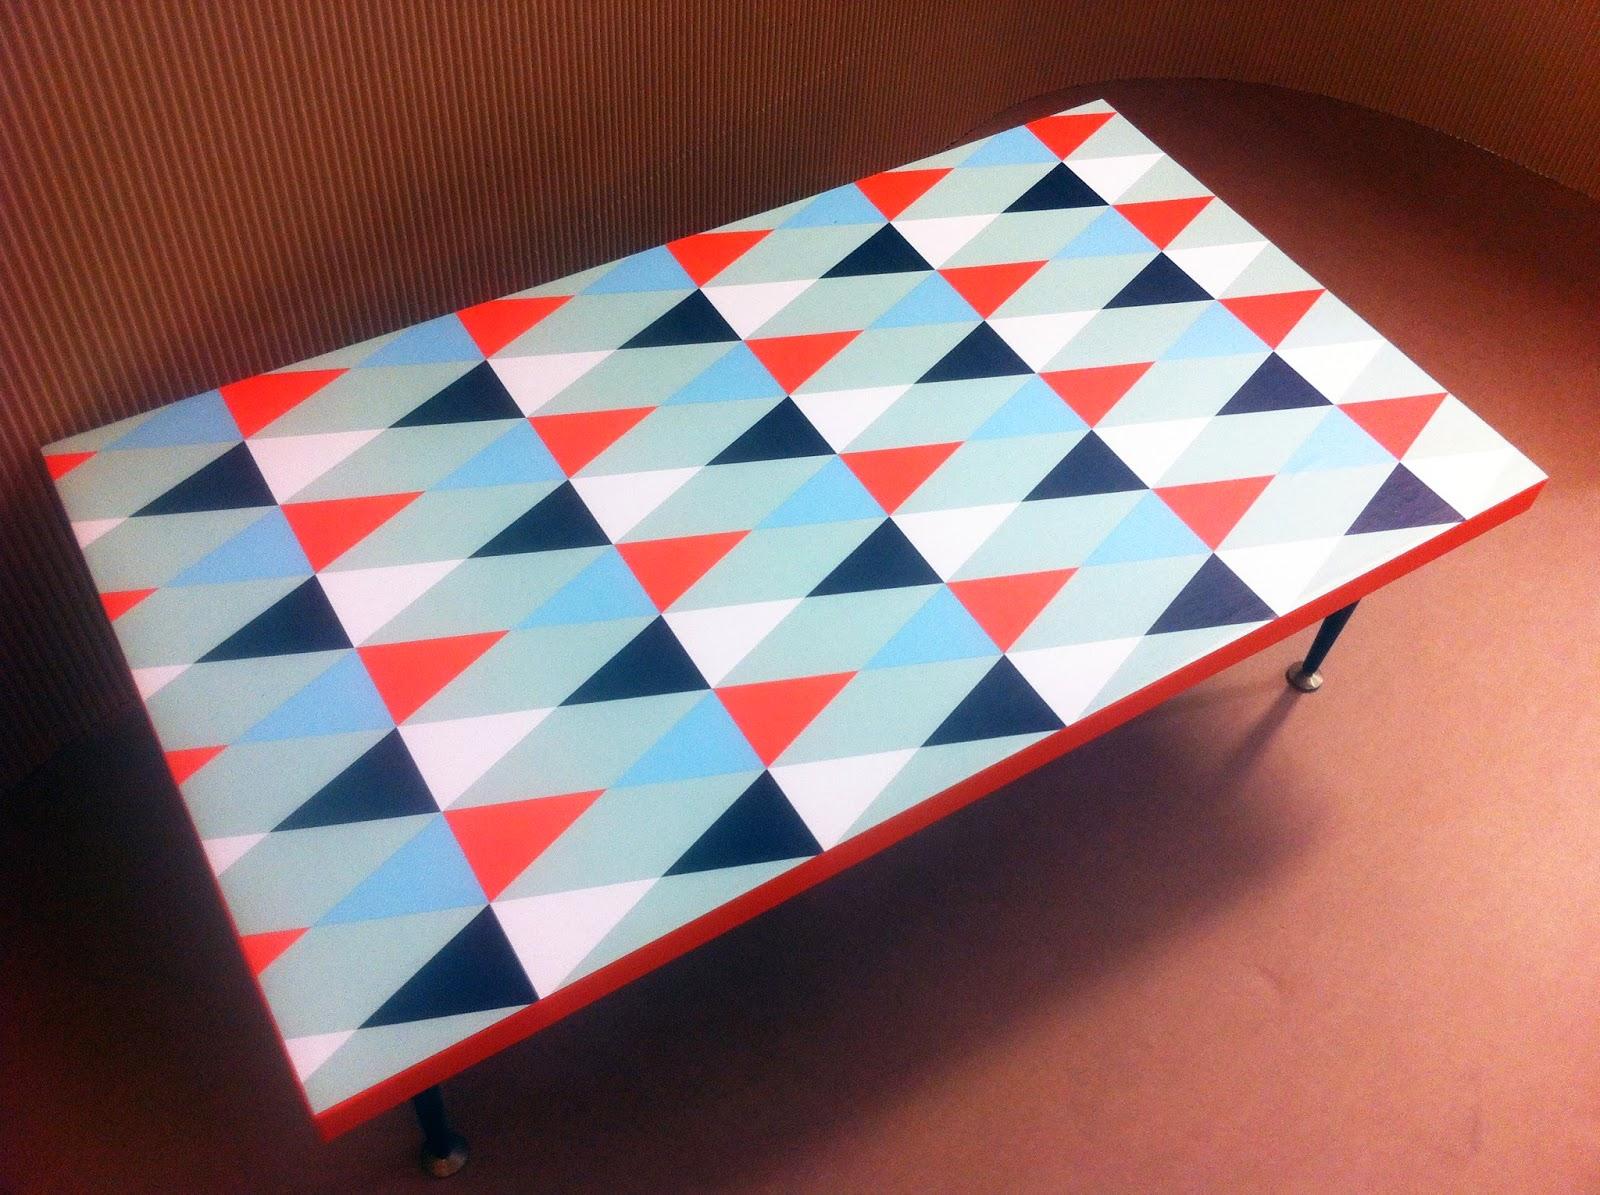 table basse en carton. plateau à motif géométrique. pieds en métal. fabriquée à marseille par julia design